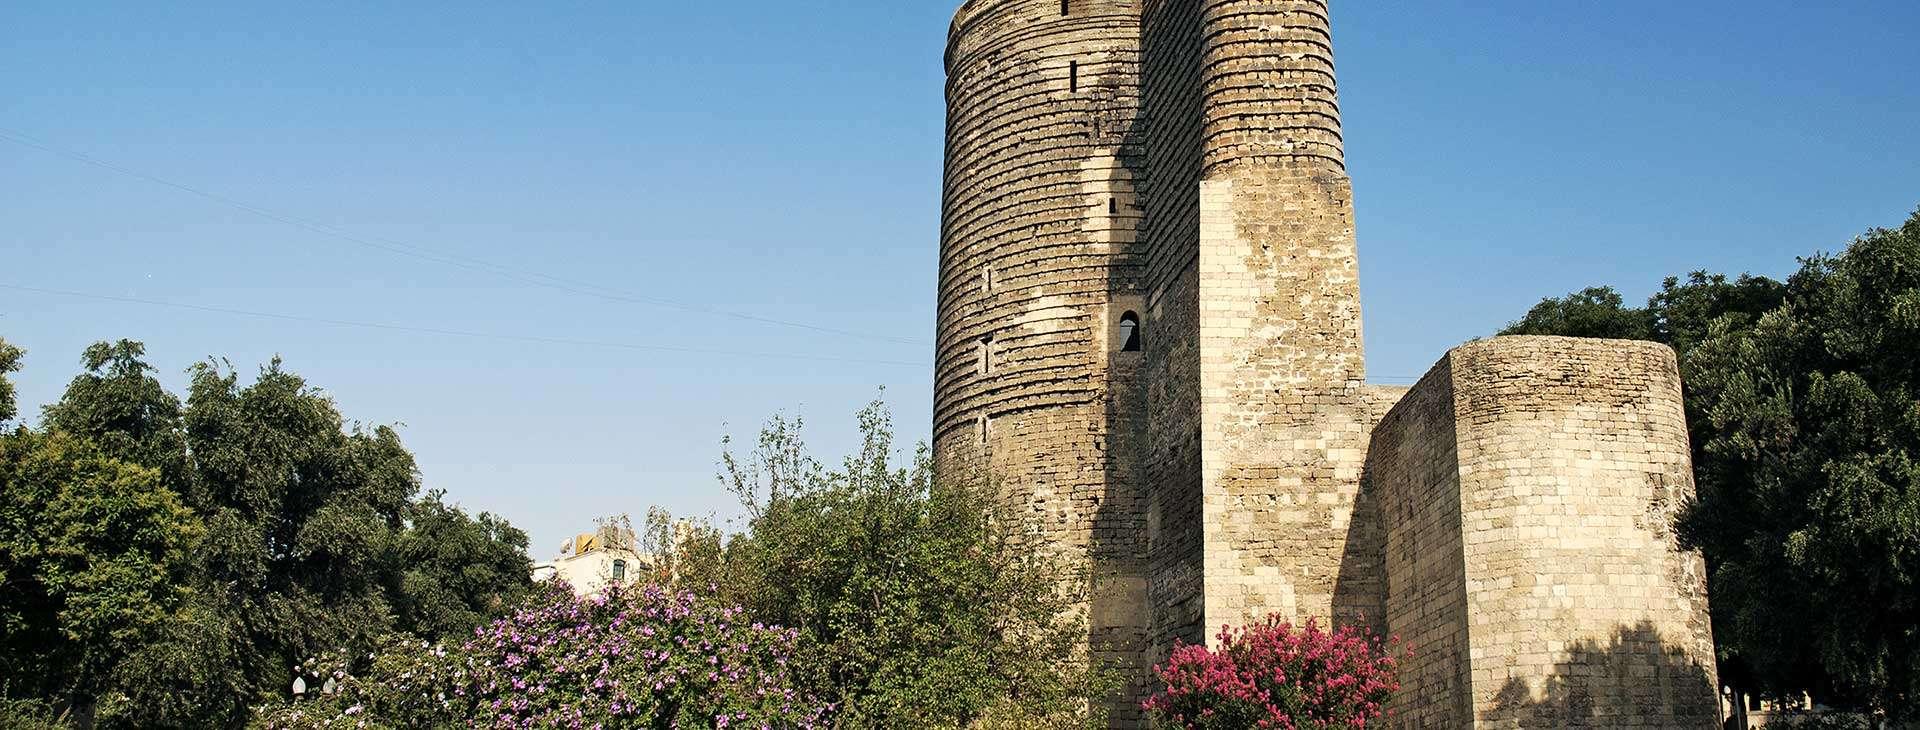 Baku - Mit szklanych domów